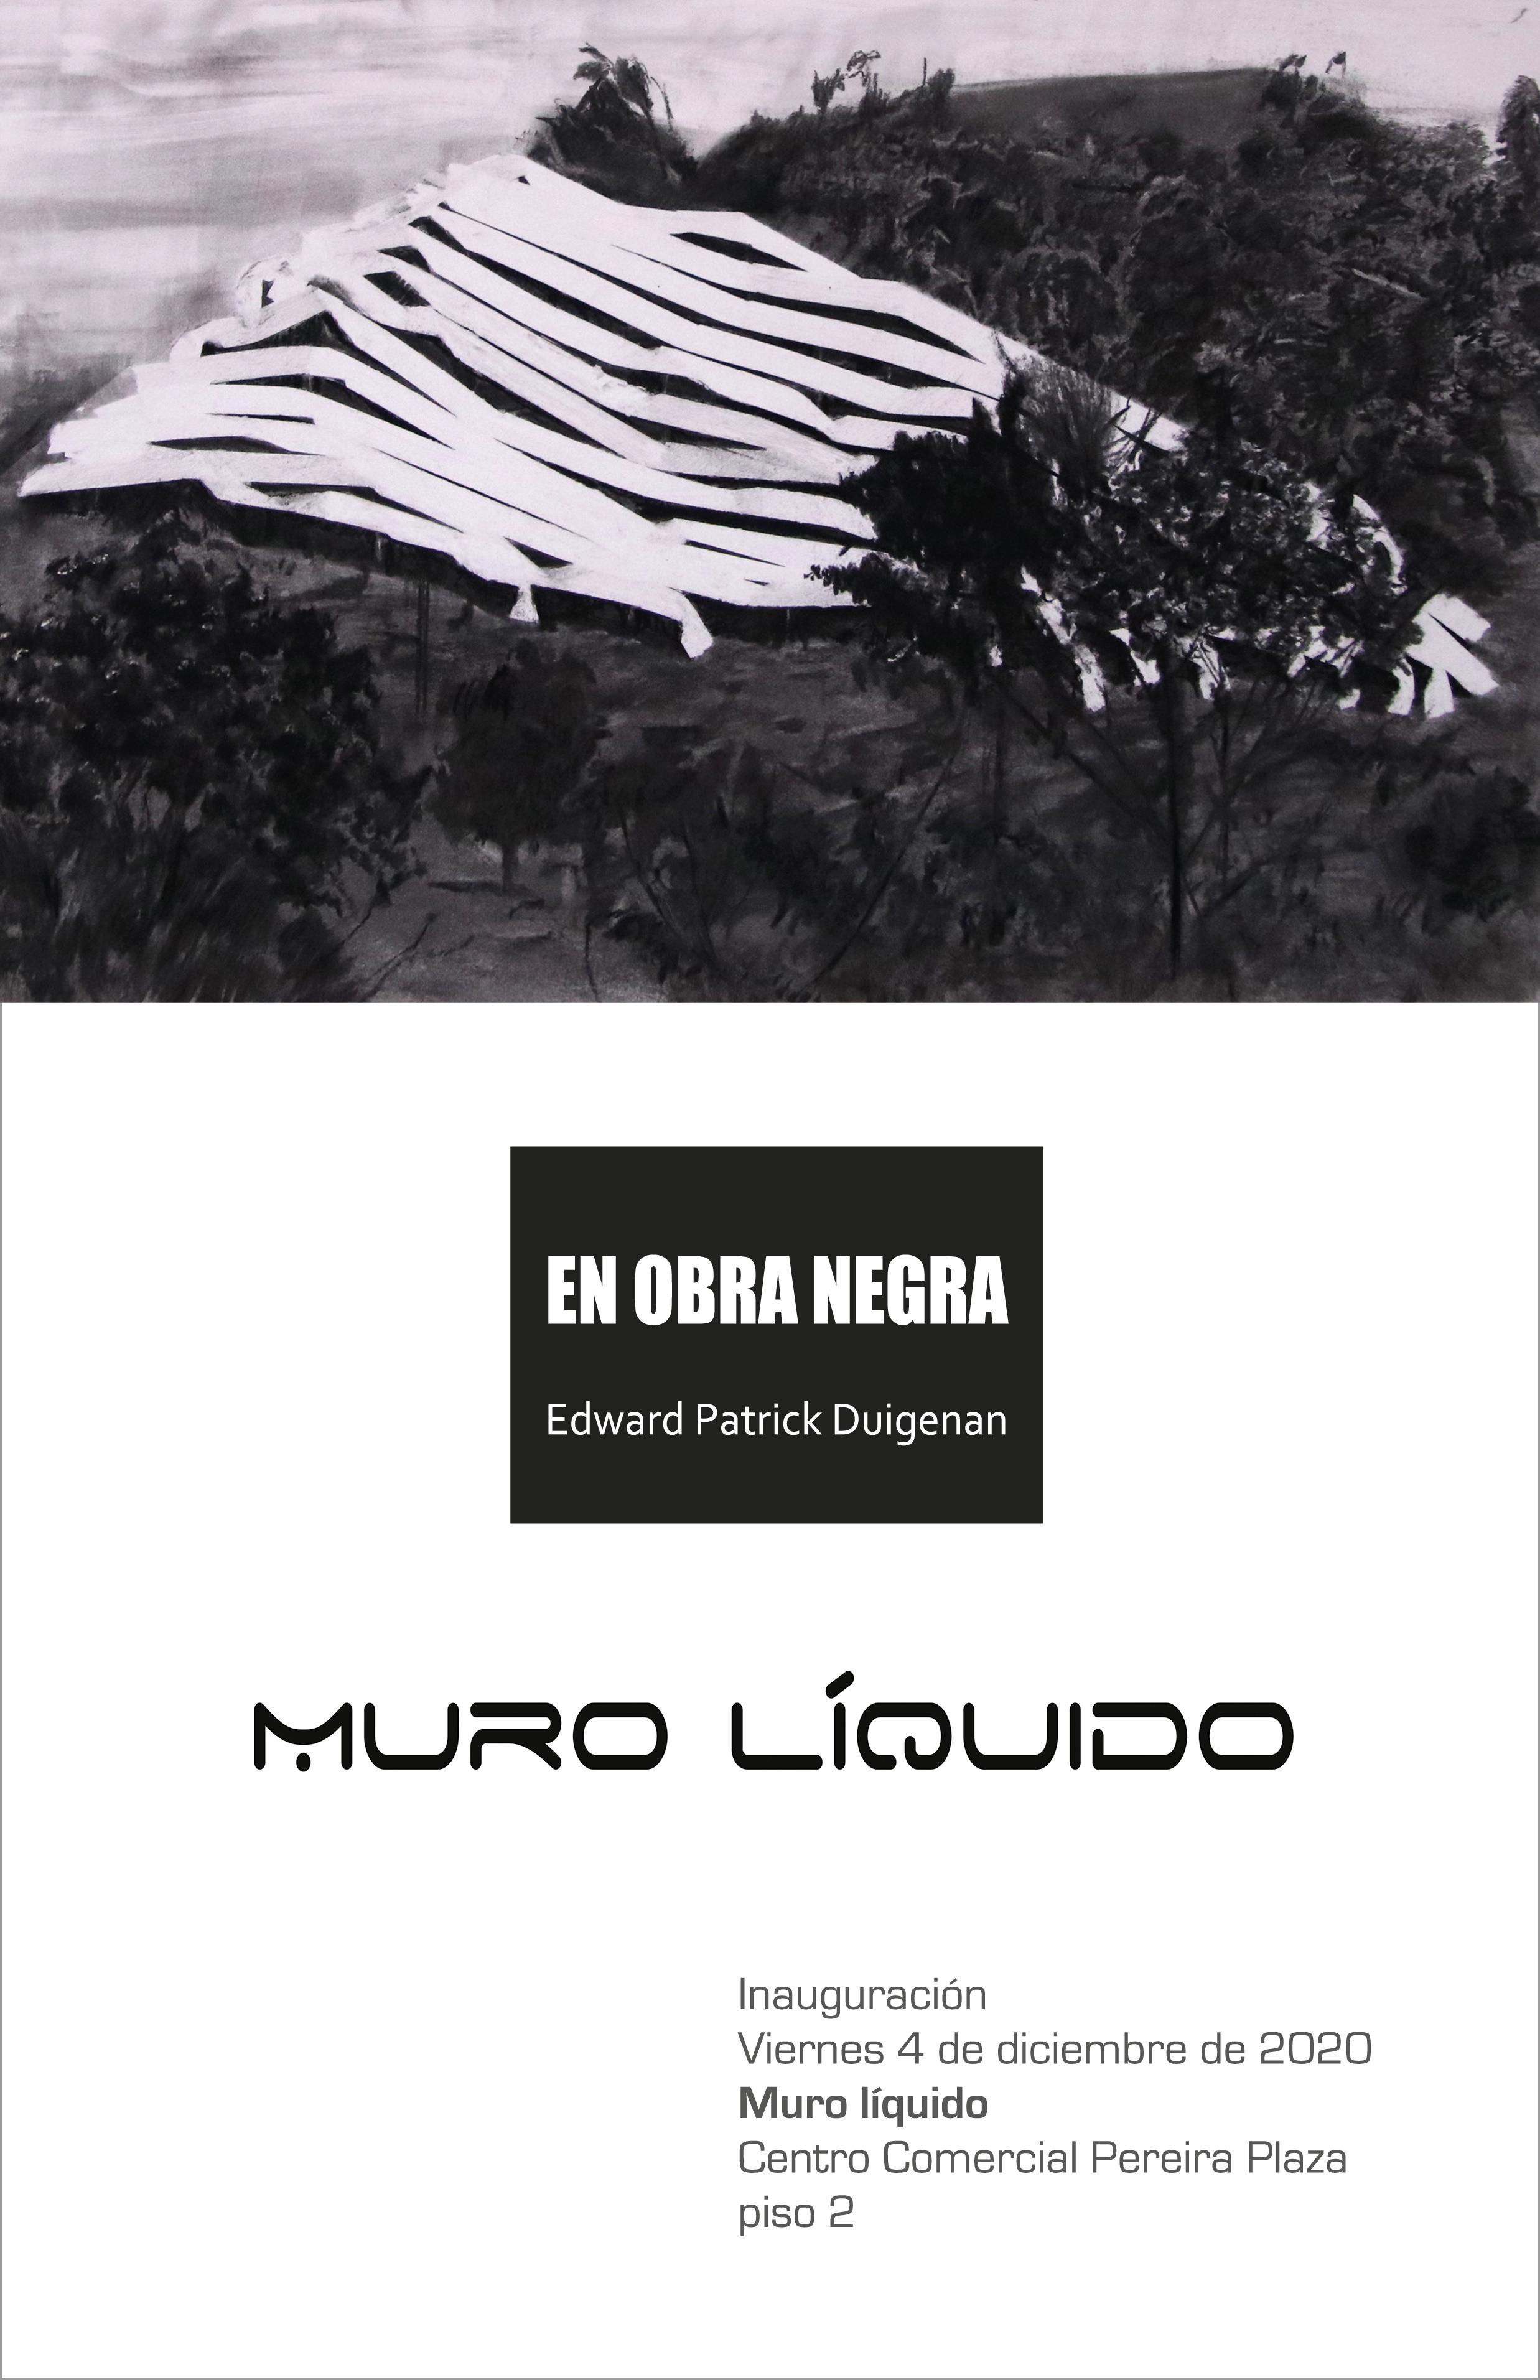 Exposición en obra negra, en el Muro Líquido del Centro Comercial Pereira Plaza